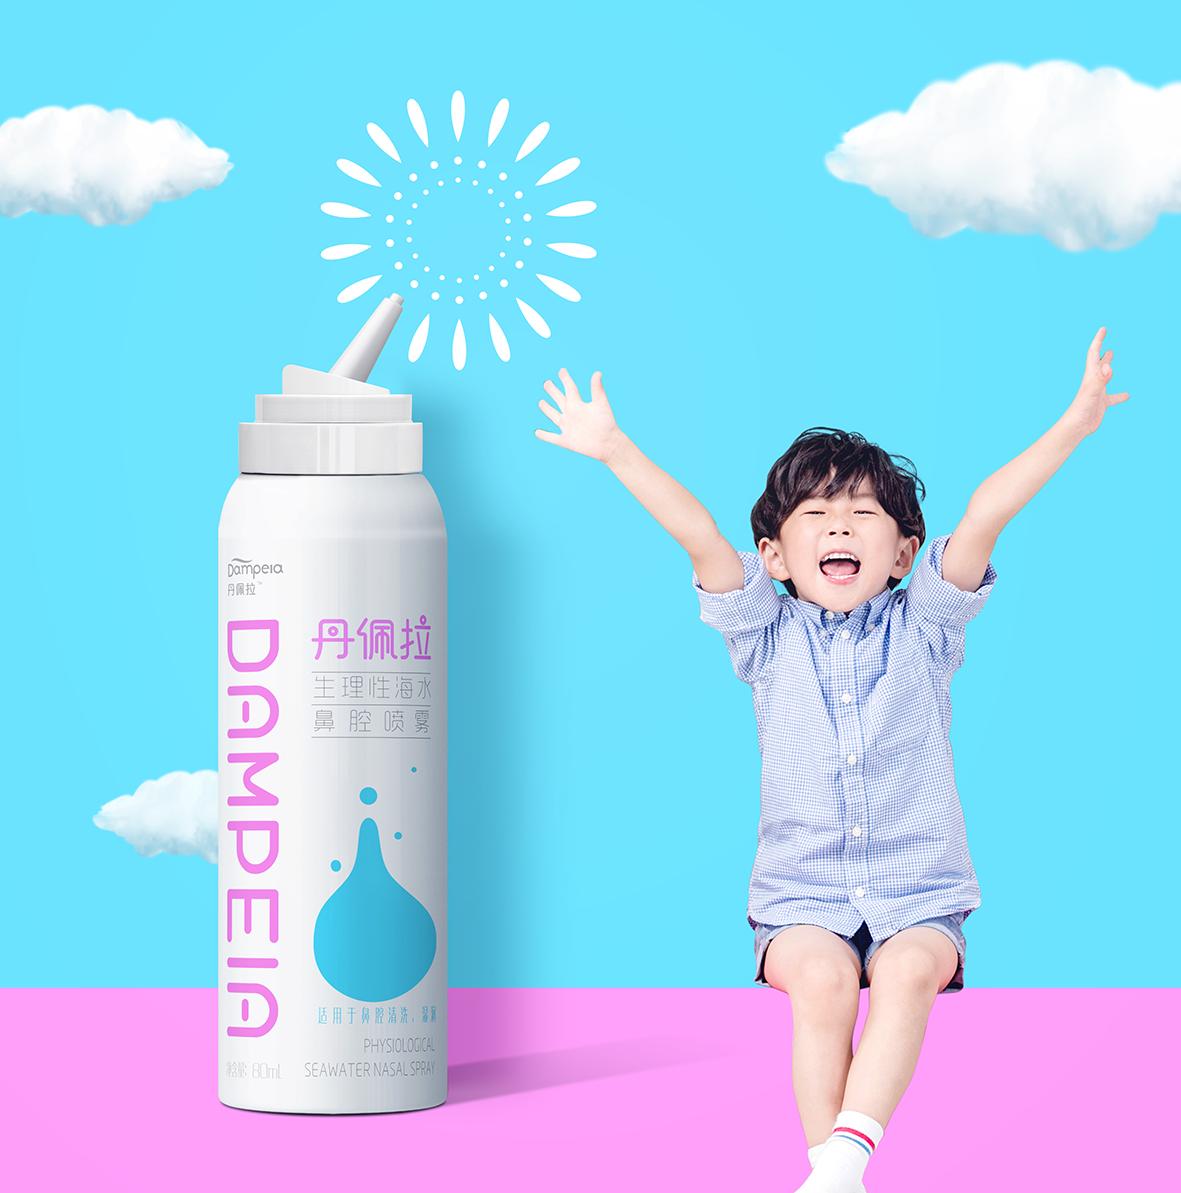 [丹佩拉] 鼻腔喷雾包装设计